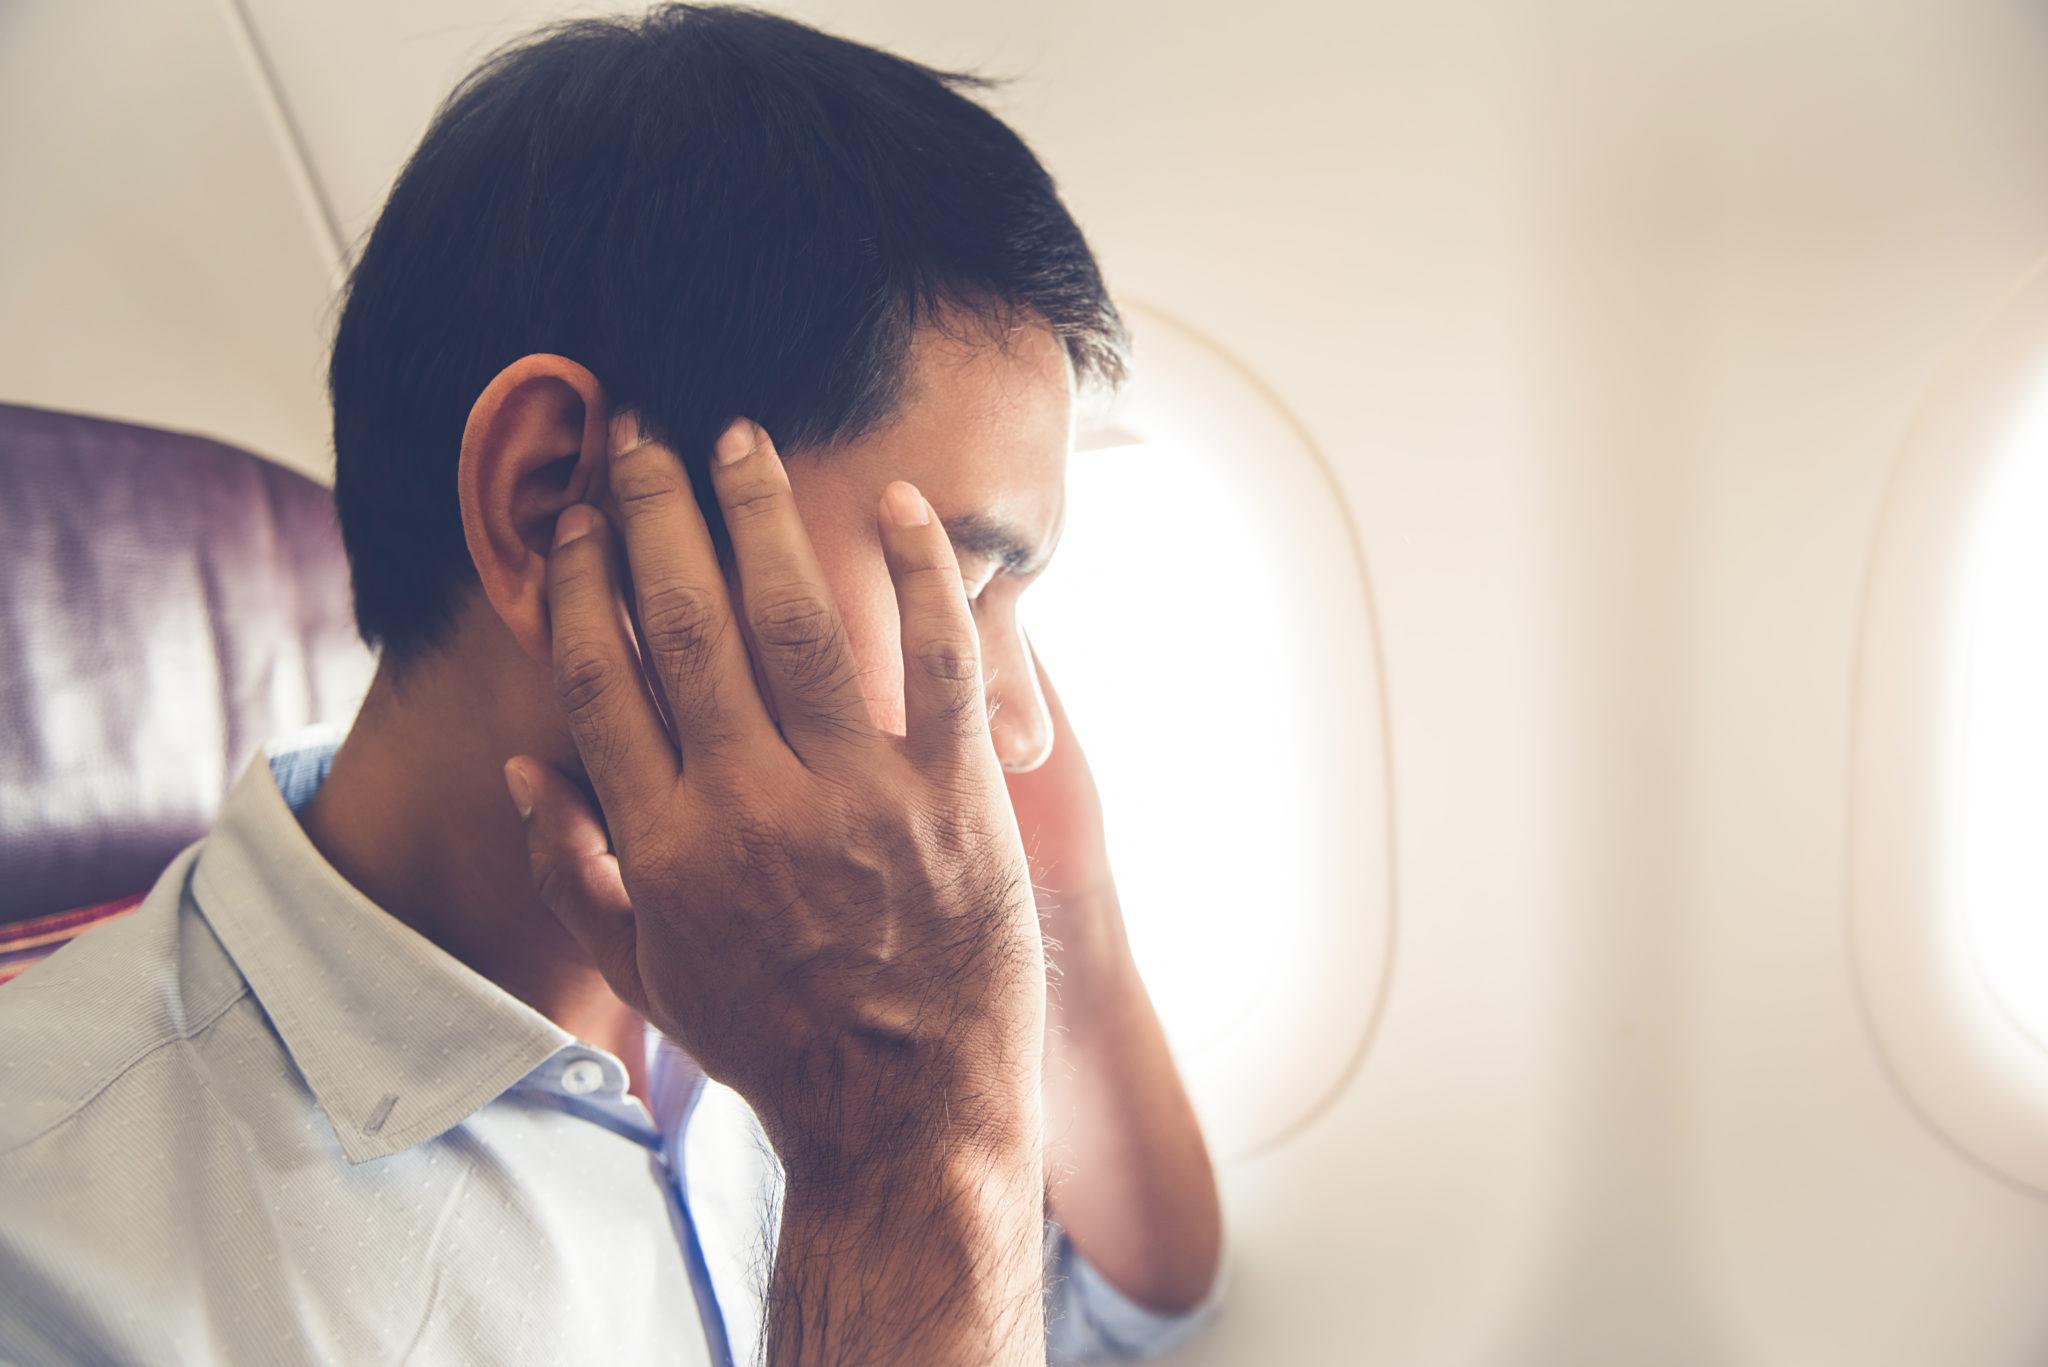 什麼情況耳朵會感到「塞住」和痛?